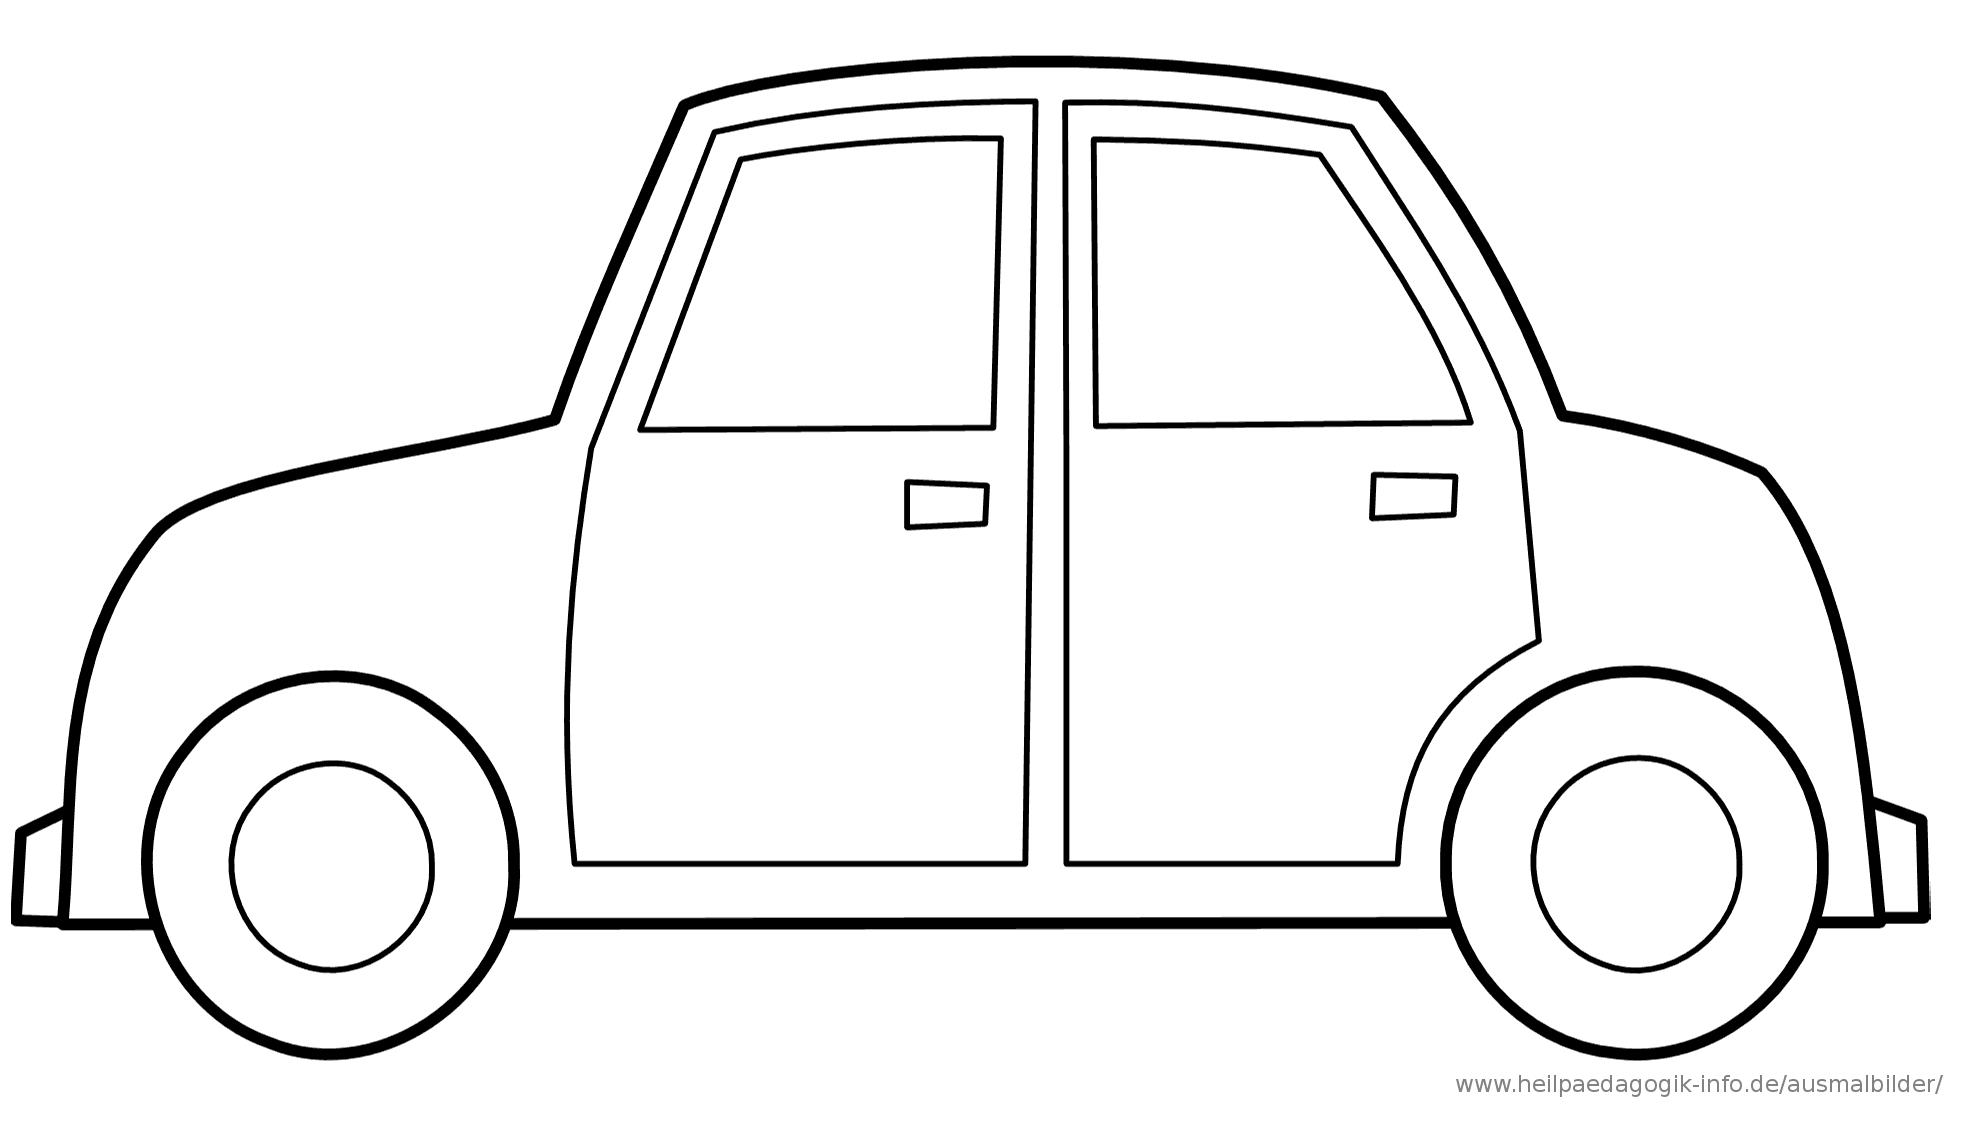 Ausmalbilder Autos Ausmalbilder Muster Fur Kinder Malvorlagen Malvorlage Auto Ausmalbilder Kinder Autos Malen